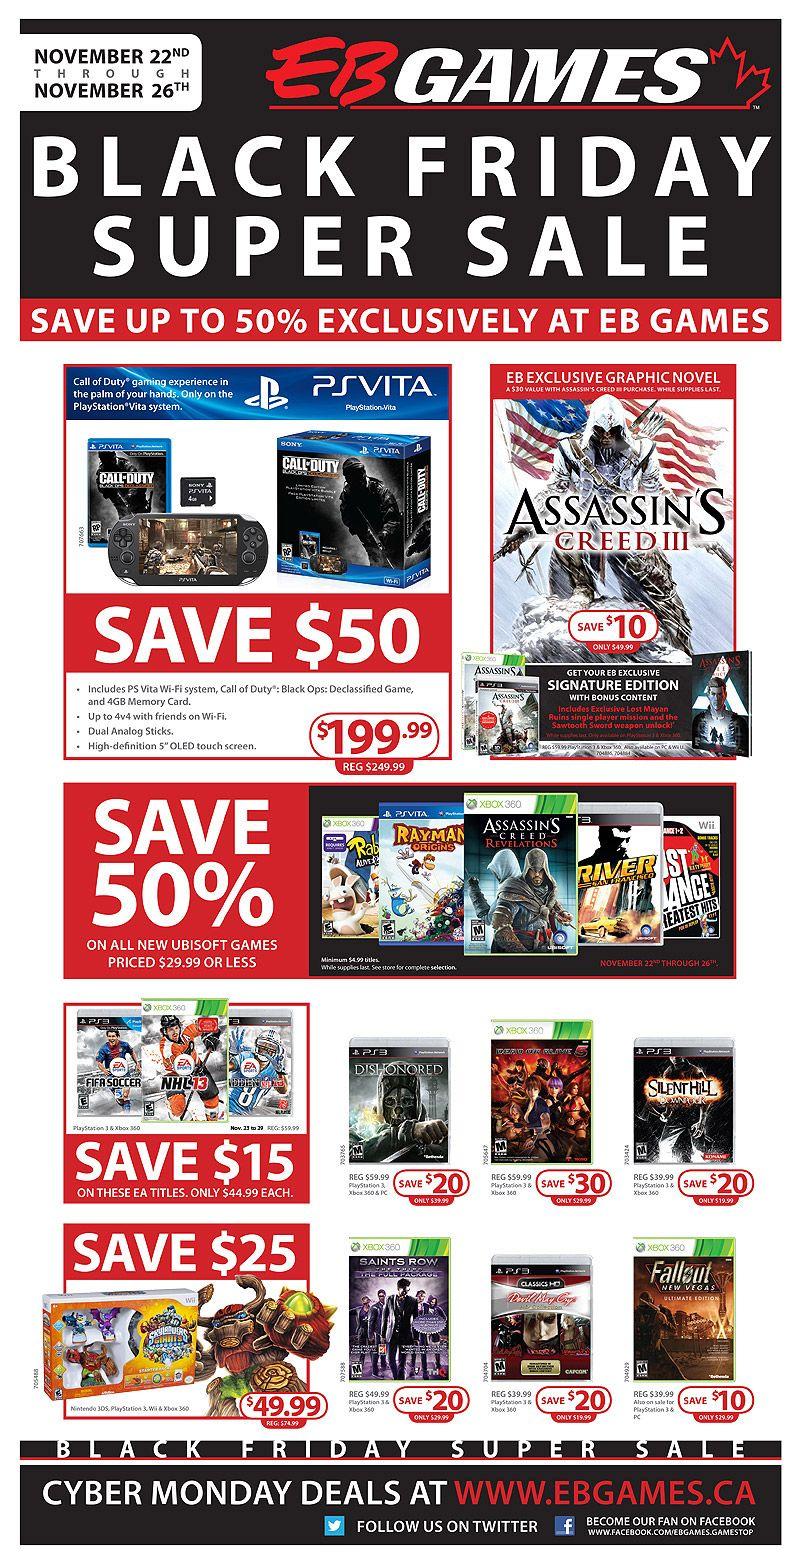 Eb Games Black Friday Super Sale Ends Nov 26 Black Friday Games Black Friday Super Sale